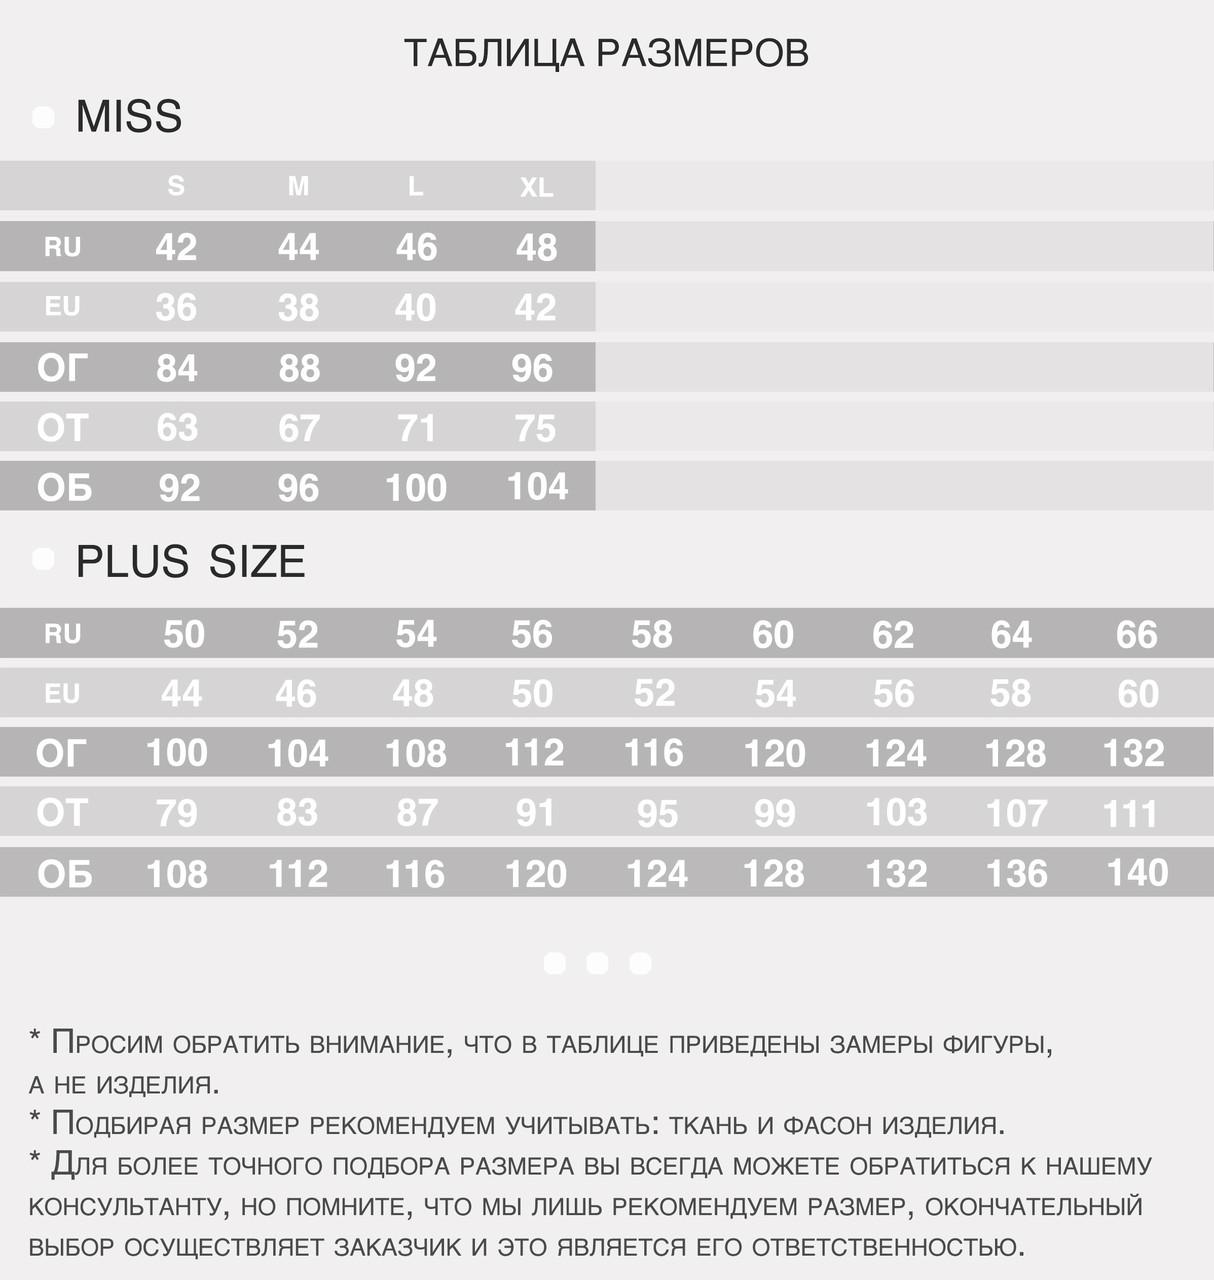 tablitsa_razmerov5.jpg